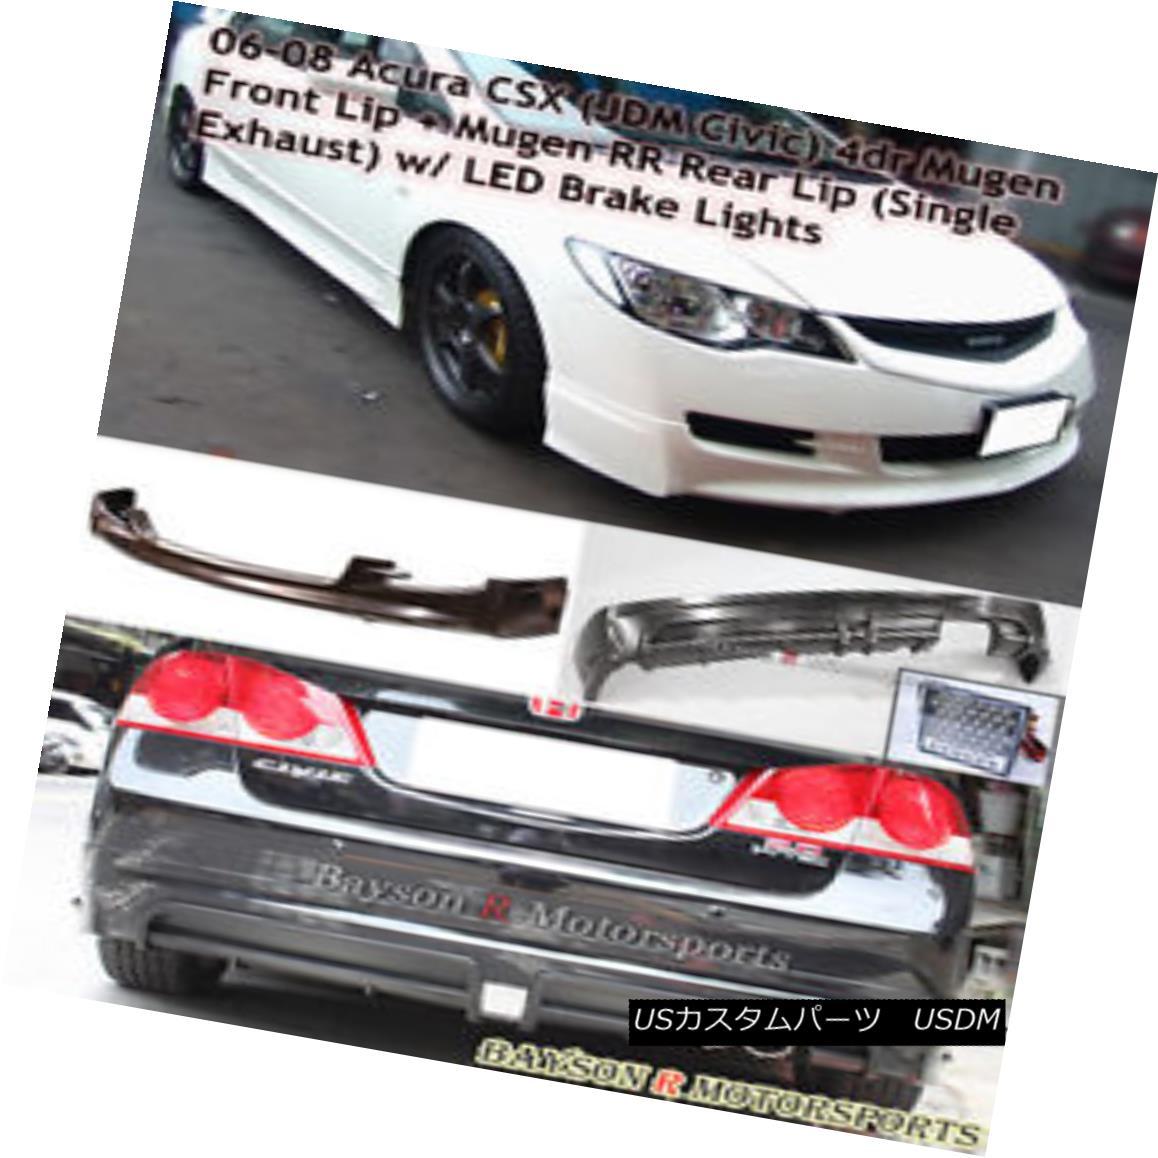 エアロパーツ + Mu-gen Front 06-08 + Mu-gen RR Fits Rear Lip (Single Exhaust) Fits 06-08 CSX (JDM Civic) Mu-gen Front + Mu-gen RRリアリップ(シングルエキゾースト)フィット06-08 CSX(JDM Civic), Abbot kinney:c0169538 --- officewill.xsrv.jp